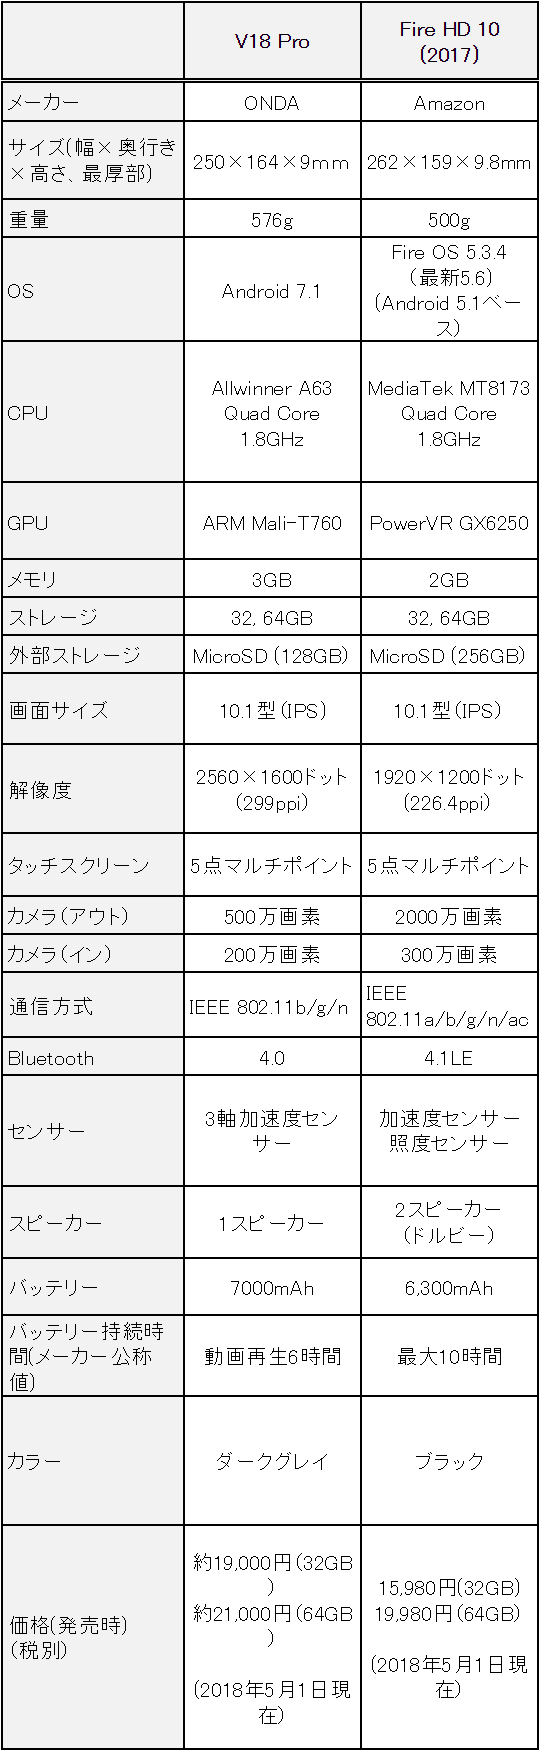 f:id:sora-no-color:20180504221930p:plain